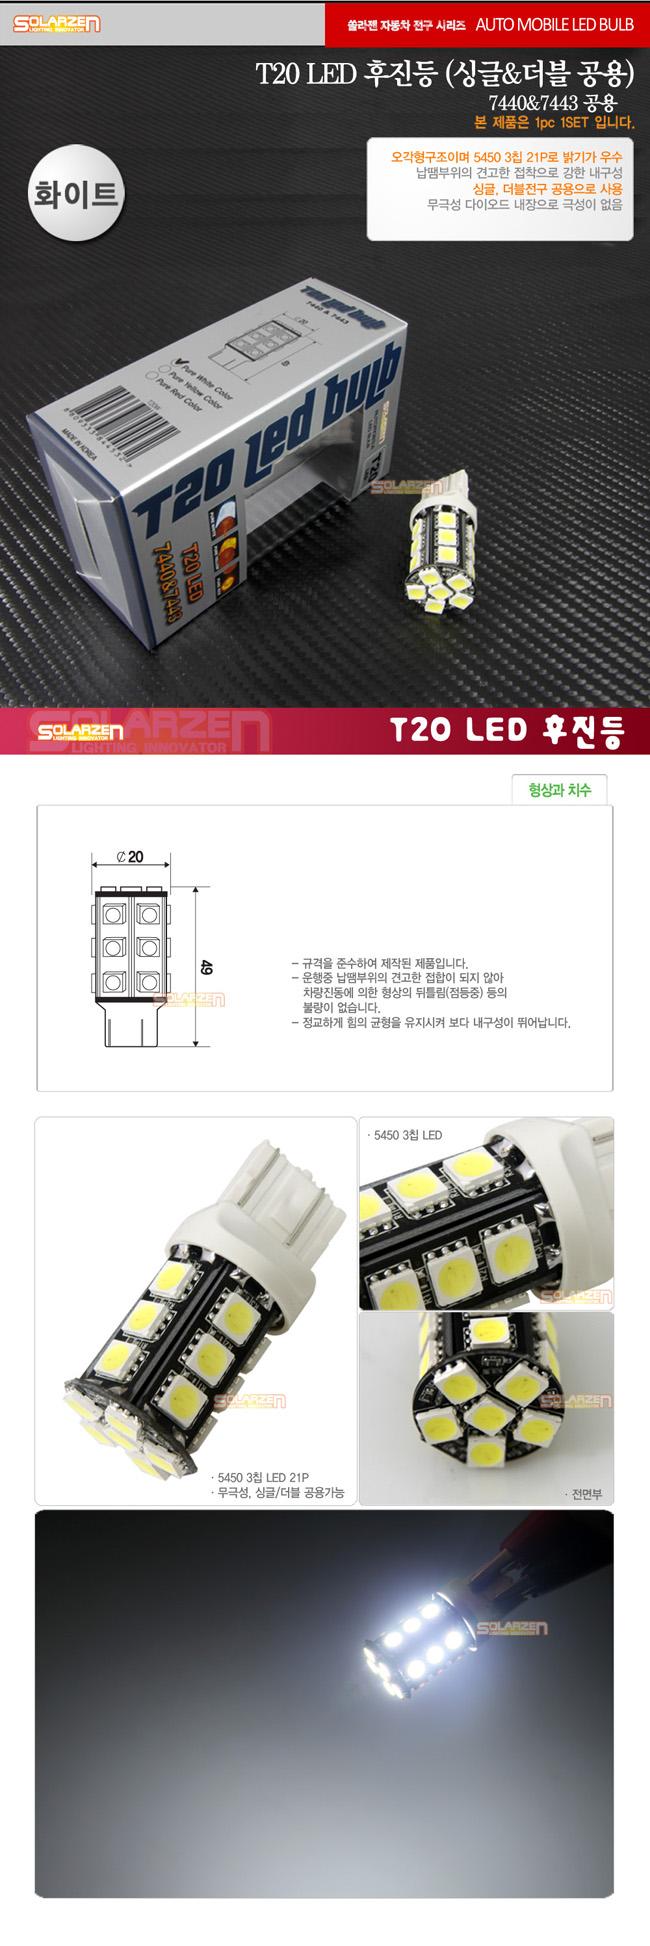 [쏠라젠] T20 LED램프- 싱글/더블 공용 (화이트) 1EA _ 7440&7443공용